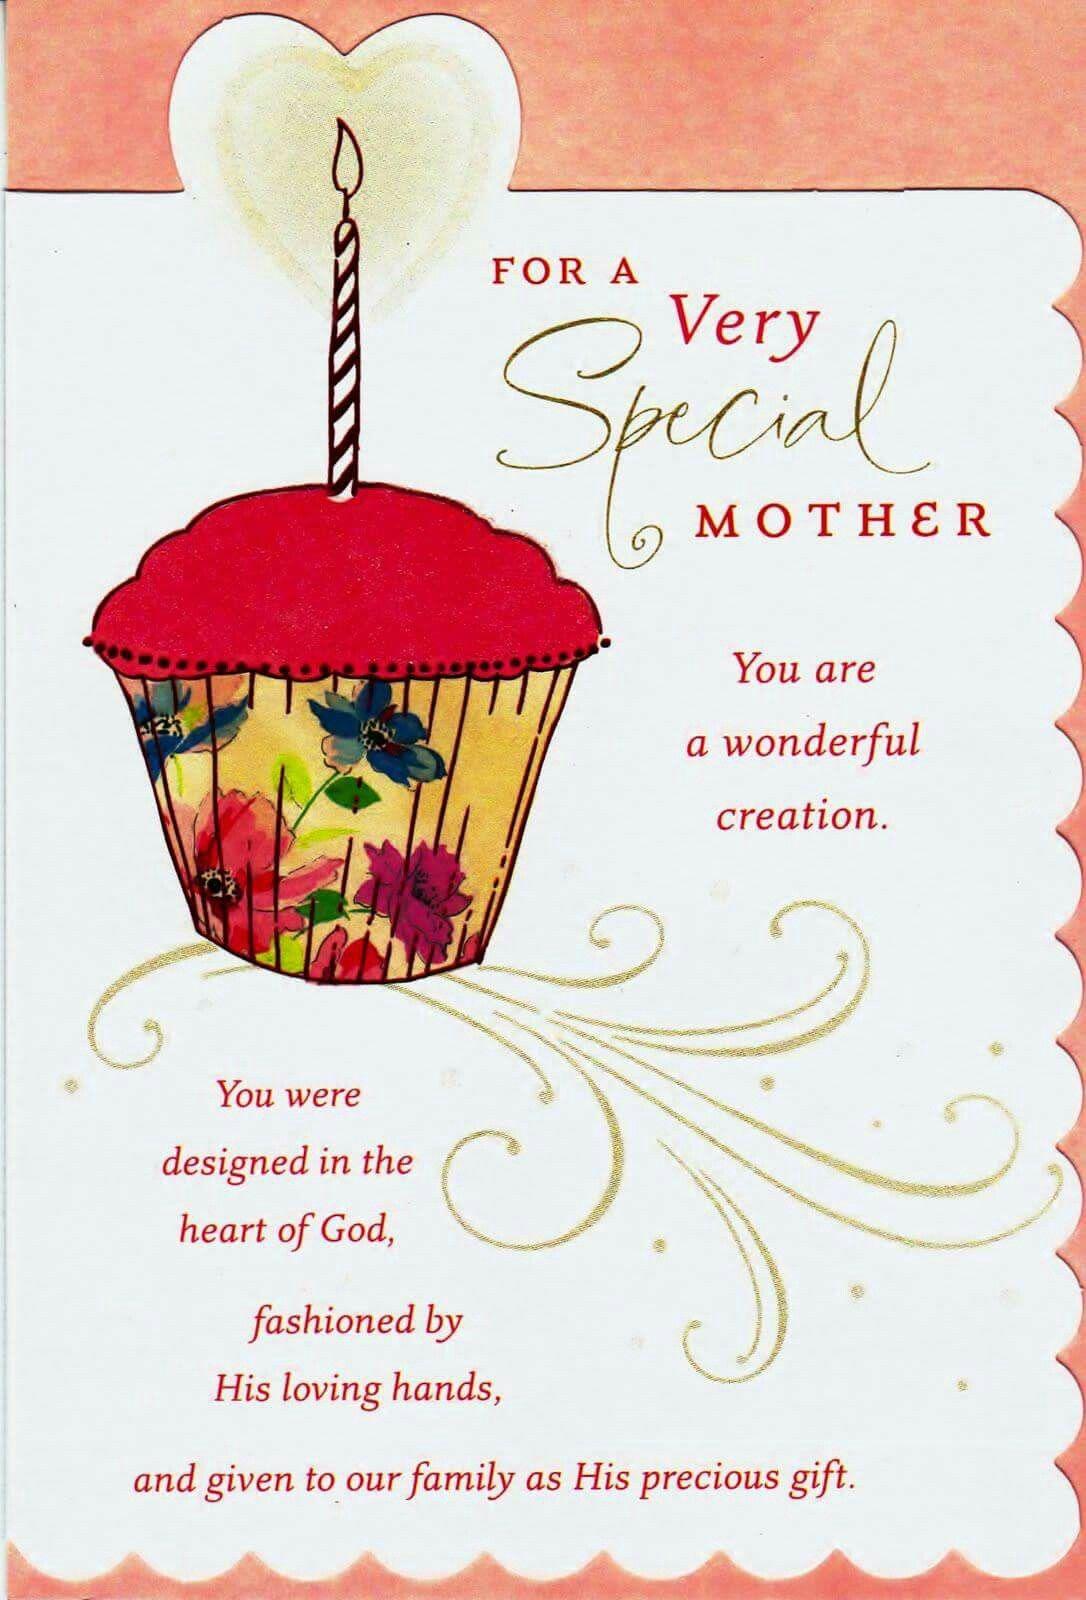 Pin by janette myles on poohbear pinterest birthday greetings birthday greetings kristyandbryce Images